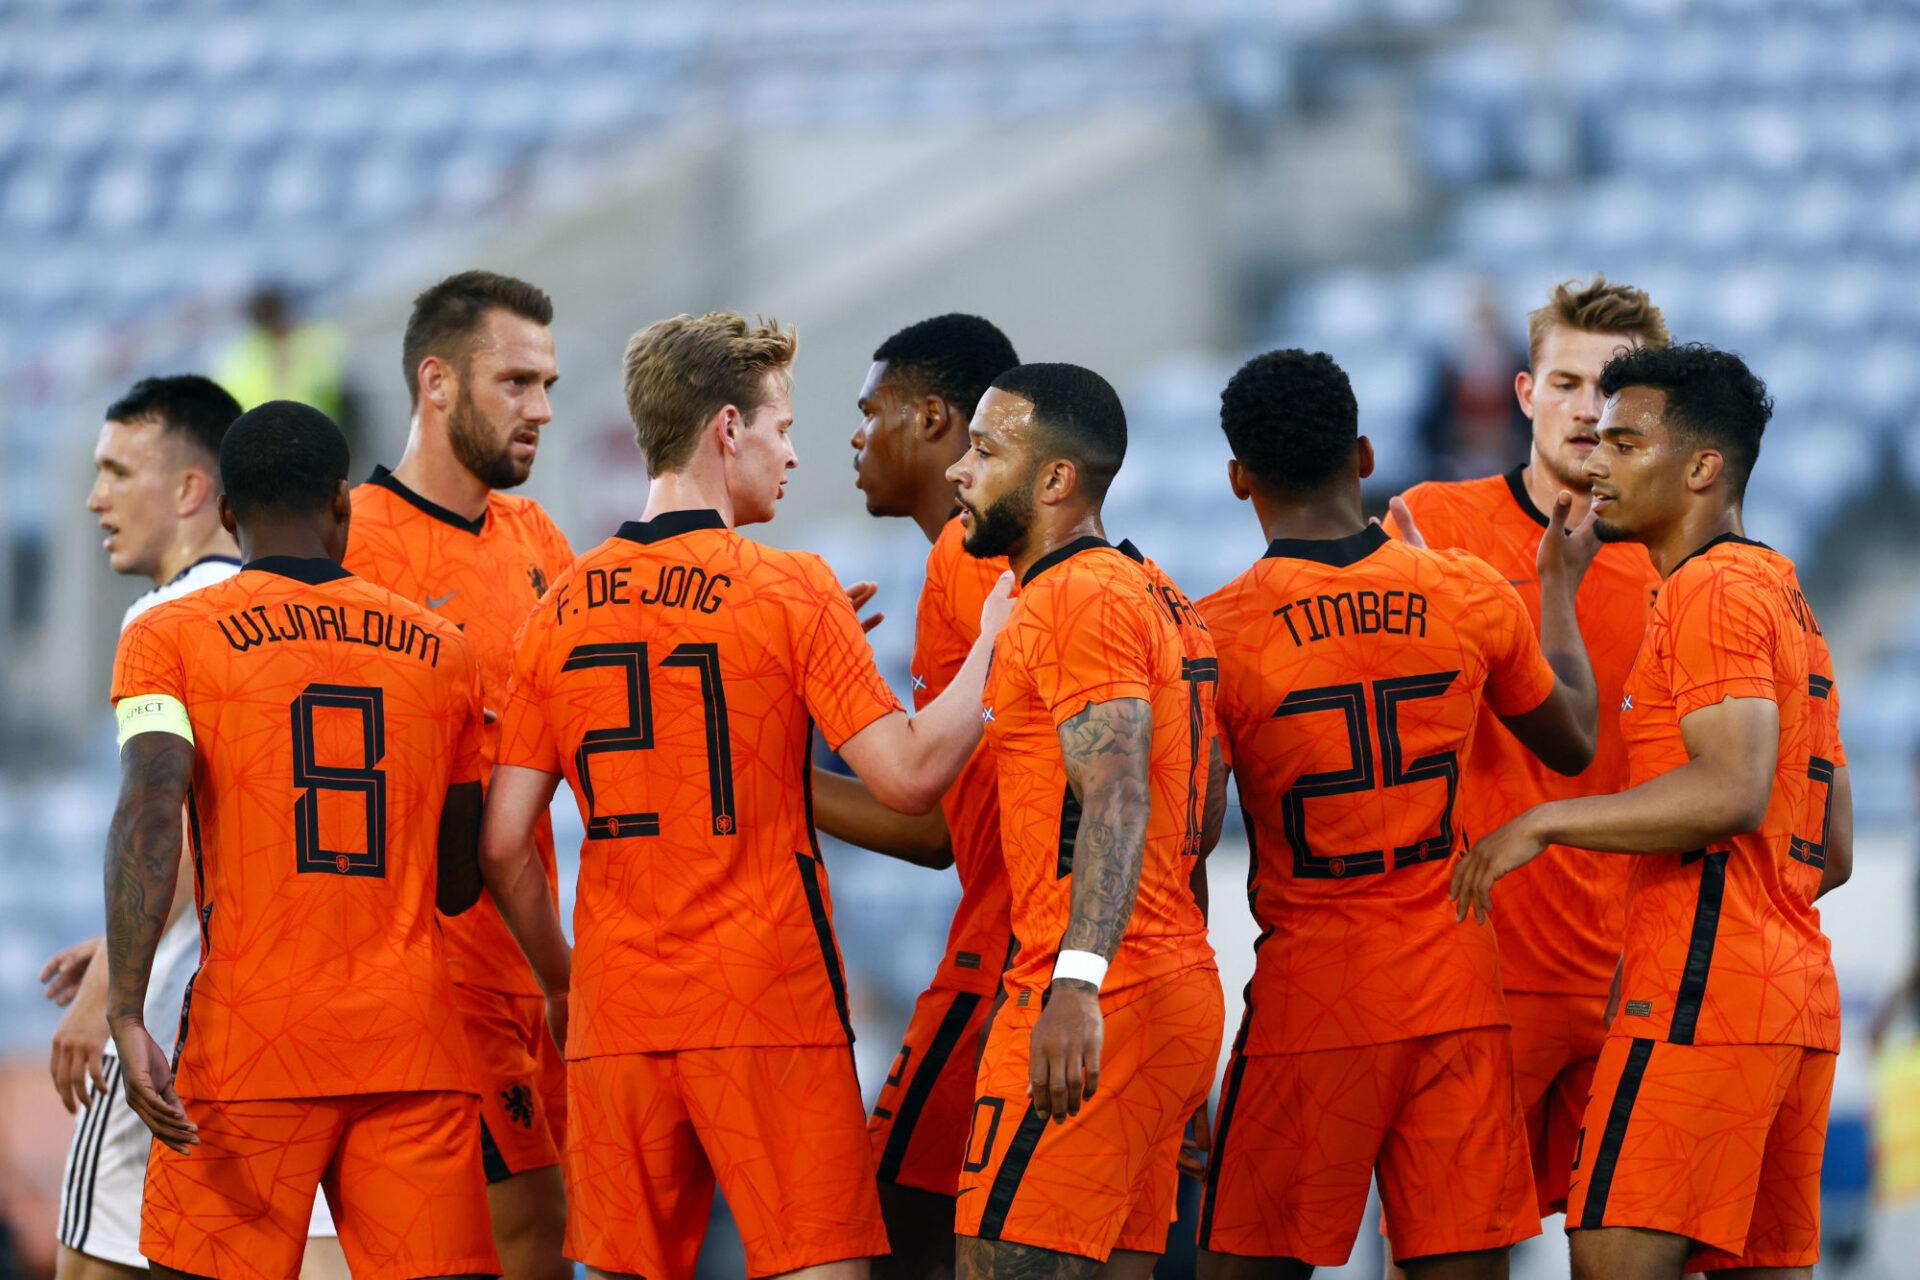 Wijnaldum, De Vrij, Frenkie de Jong, Depay, De Ligt... Les Pays-Bas présentent une montagne de talents individuels, mais qui peinent à former un collectif. Icon Sport